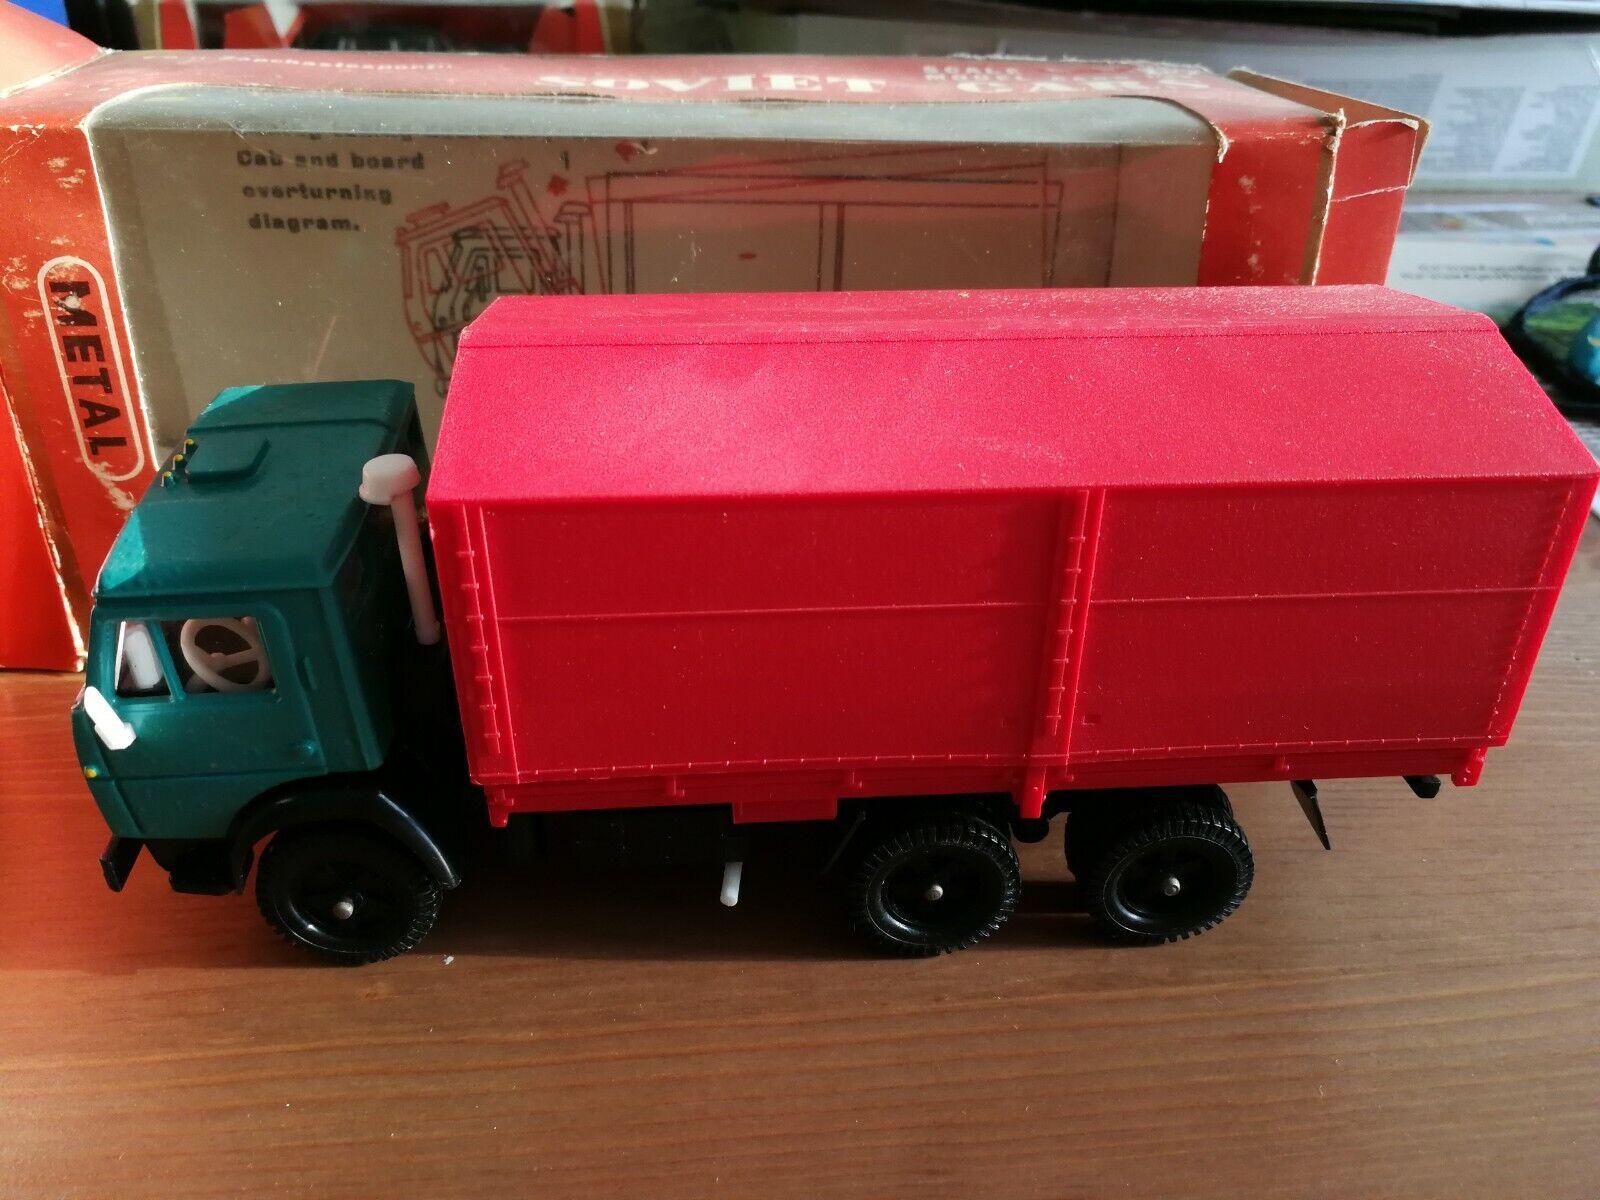 el mas de moda Kamaz - 5320 a bordo bordo bordo Rojo verde Con Toldo (Made in USSR) Envío Gratuito C419  El nuevo outlet de marcas online.